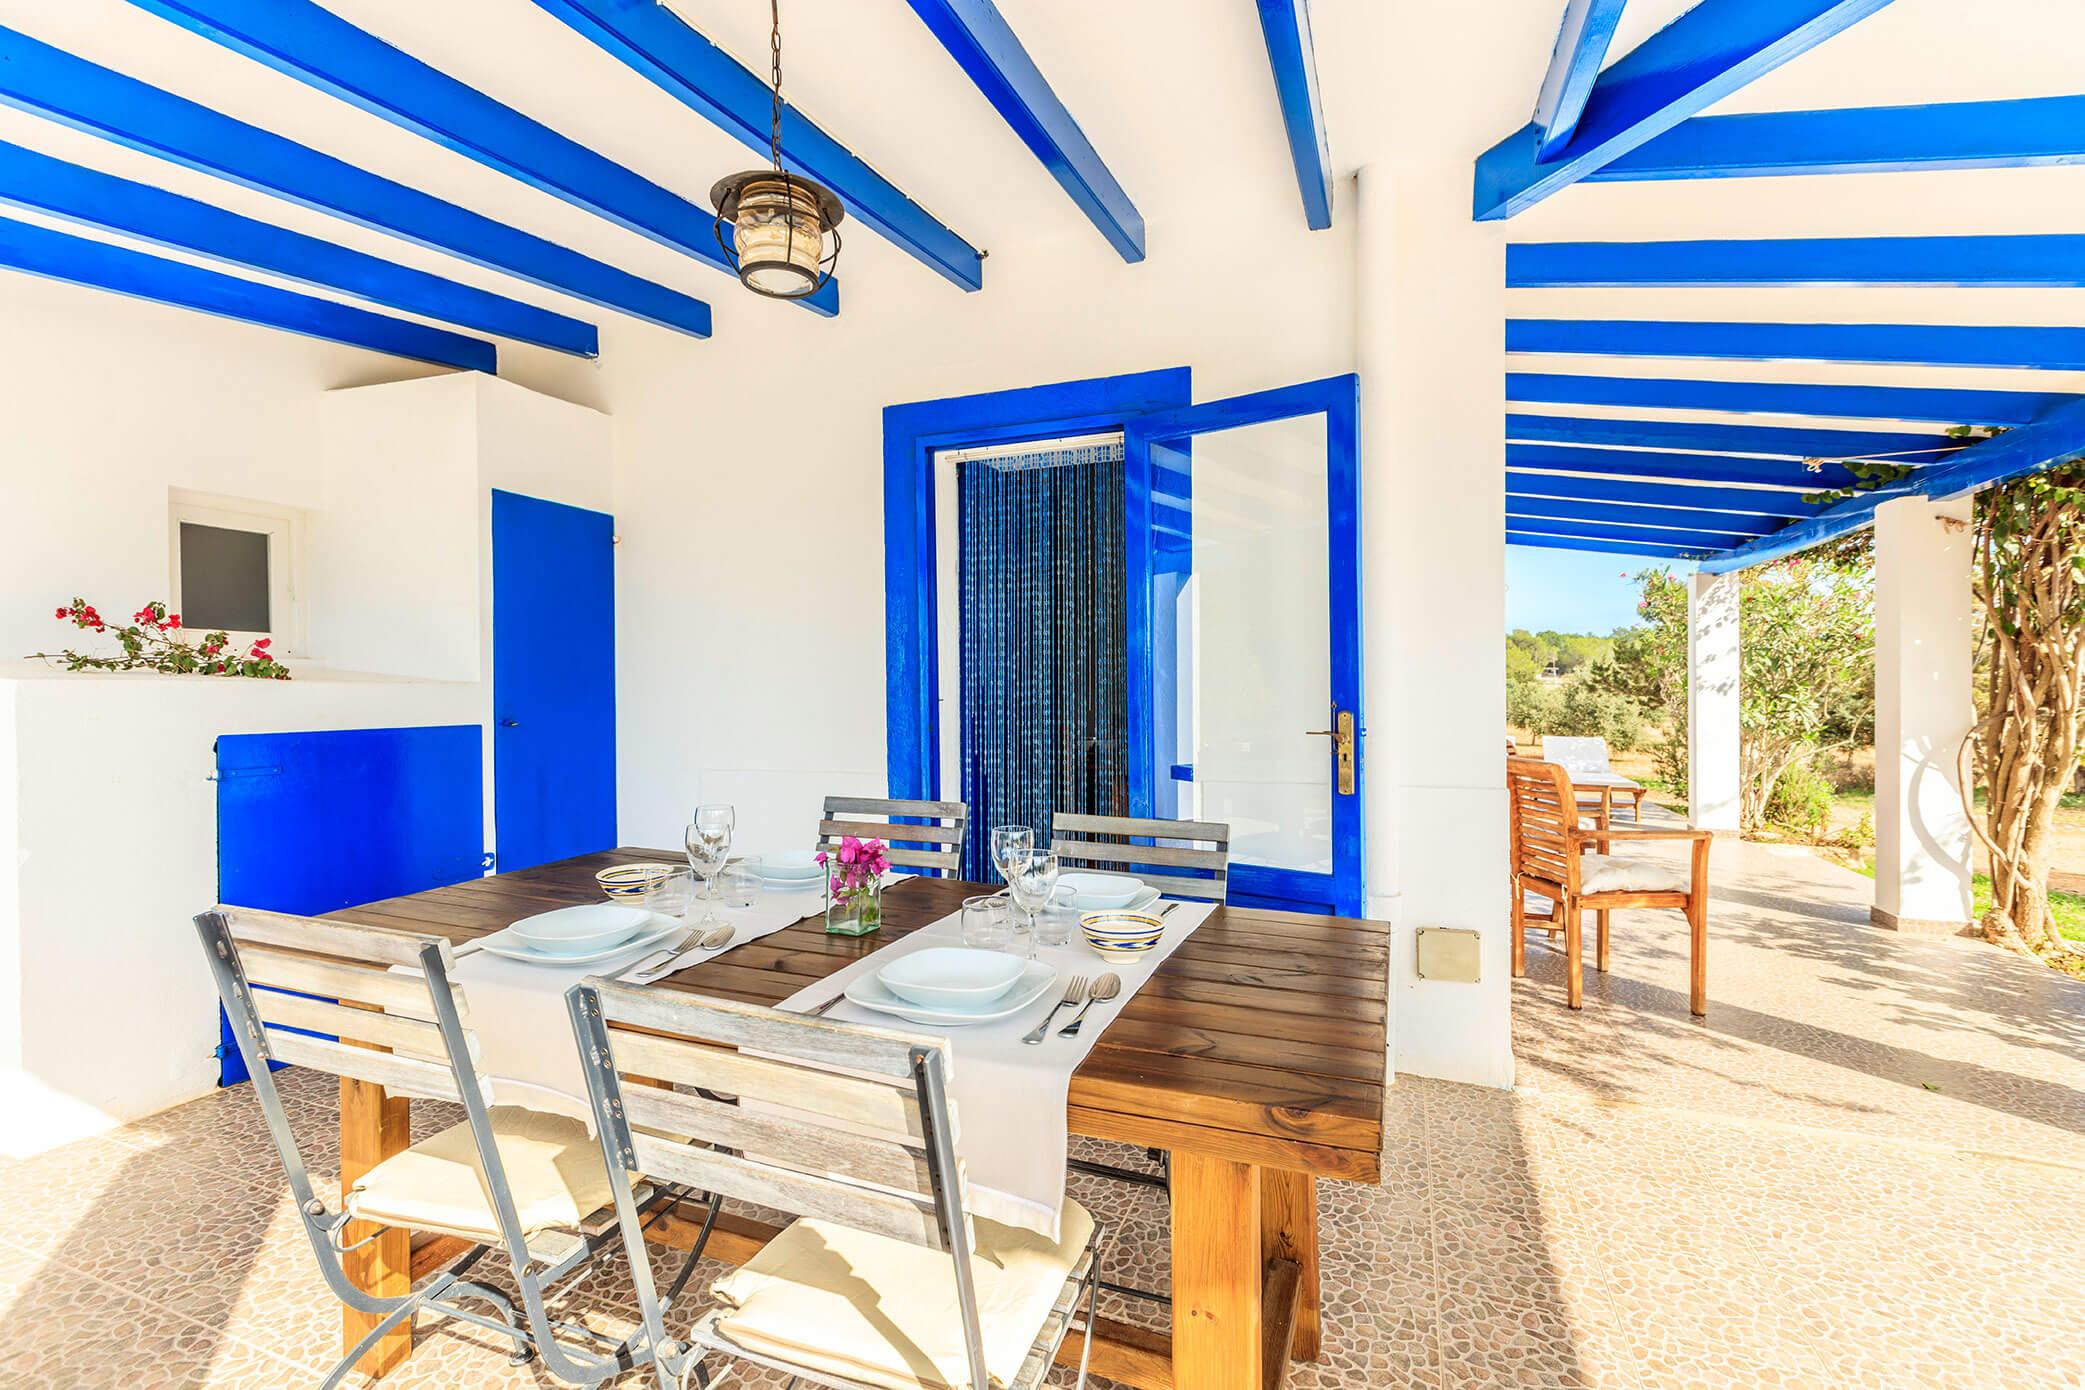 Casa rural Can Carlets. Amplia terraza y jardín con barbacoa. Alojamientos turísticos Cardona en Formentera.